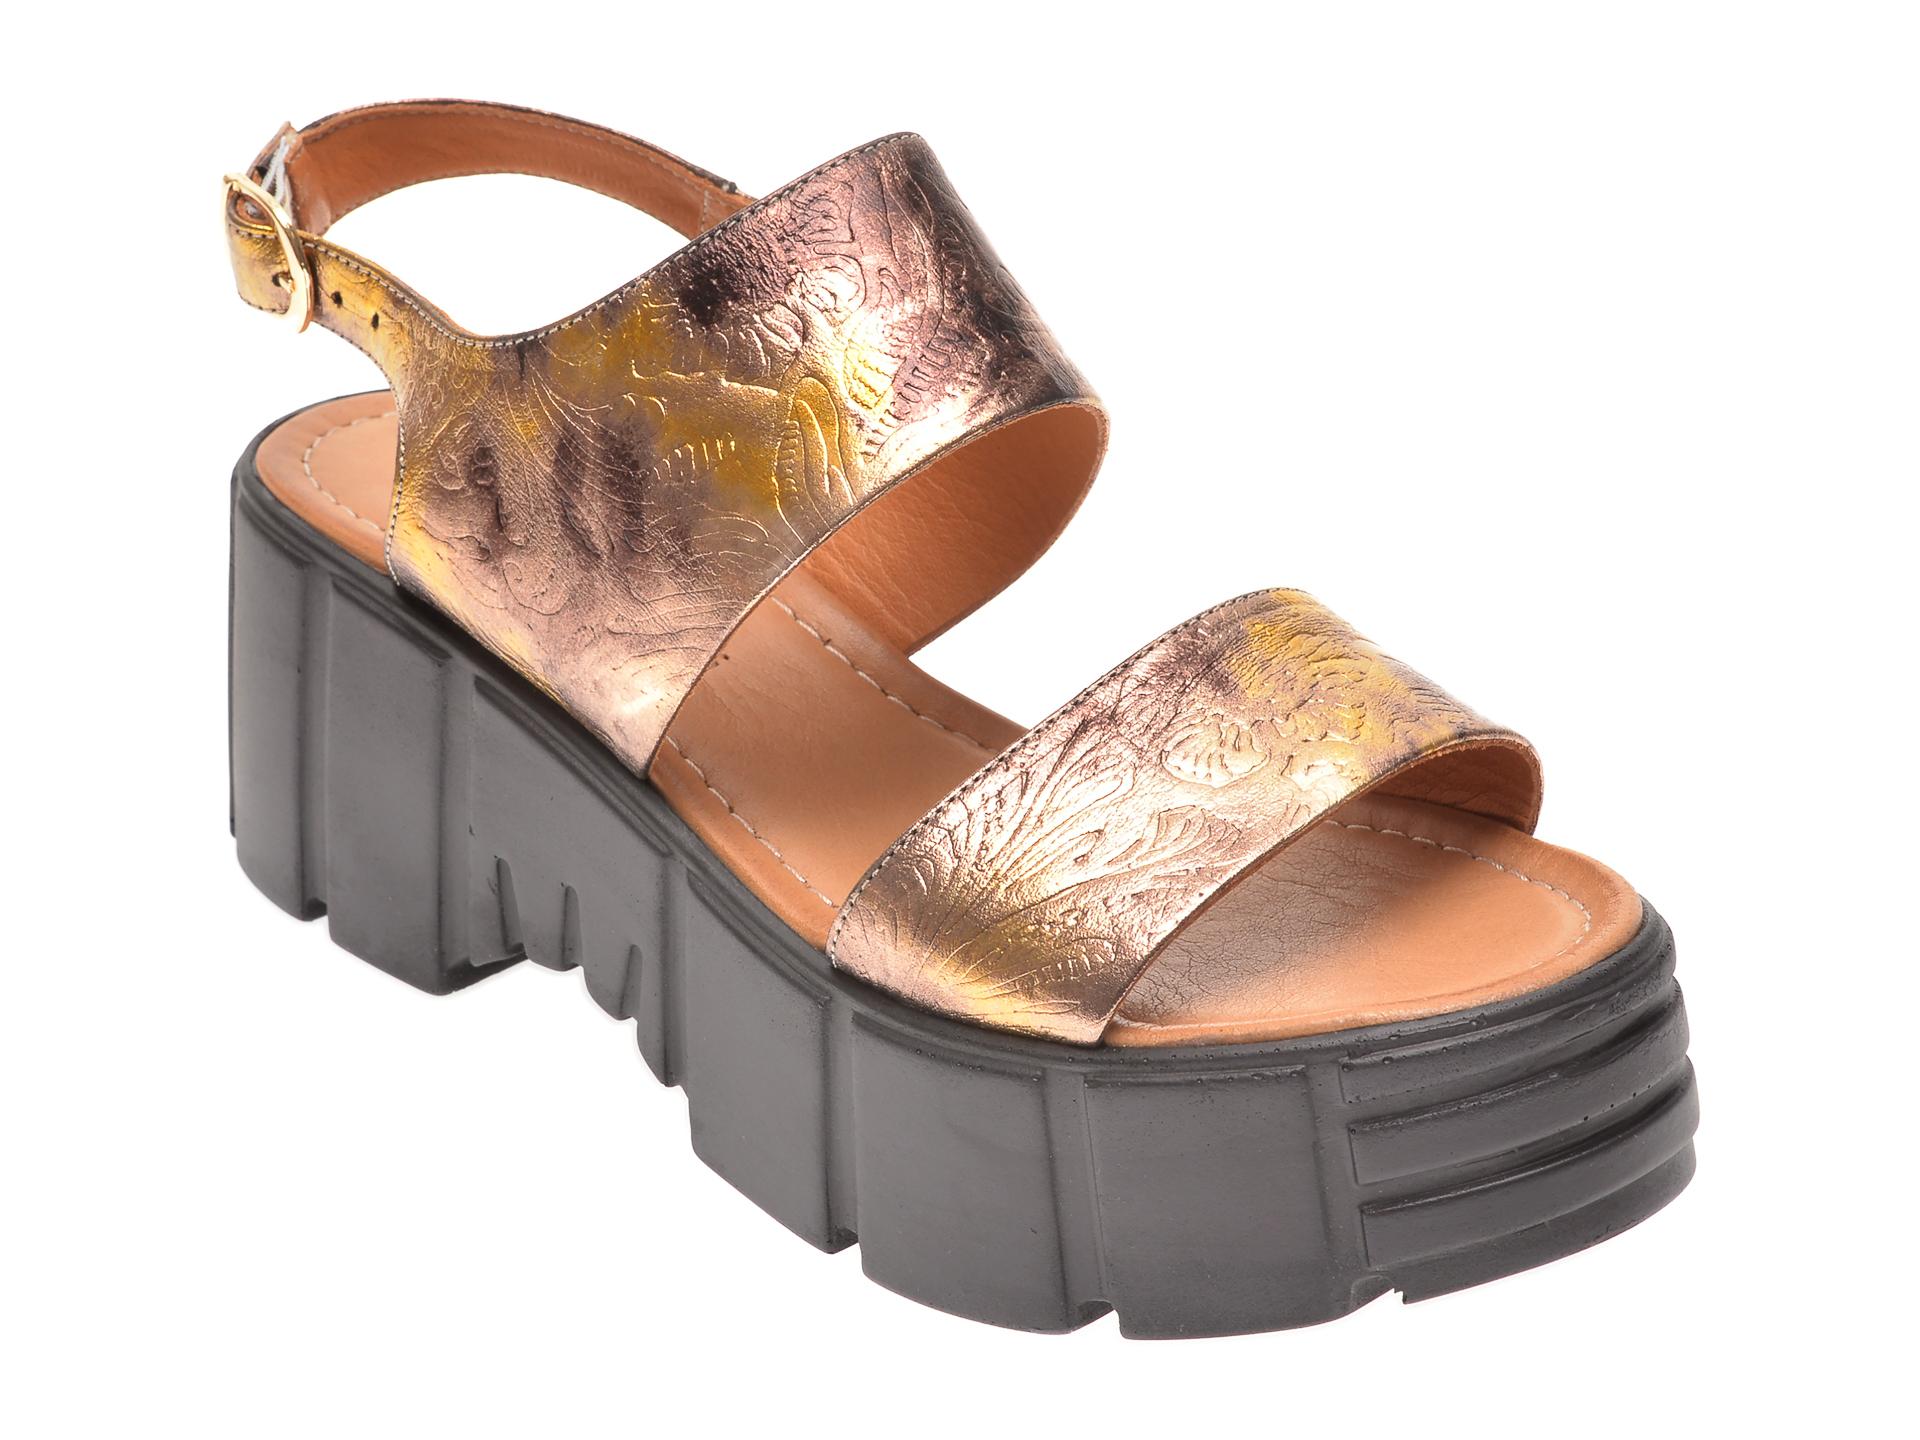 Sandale FLAVIA PASSINI aurii, 2252, din piele naturala